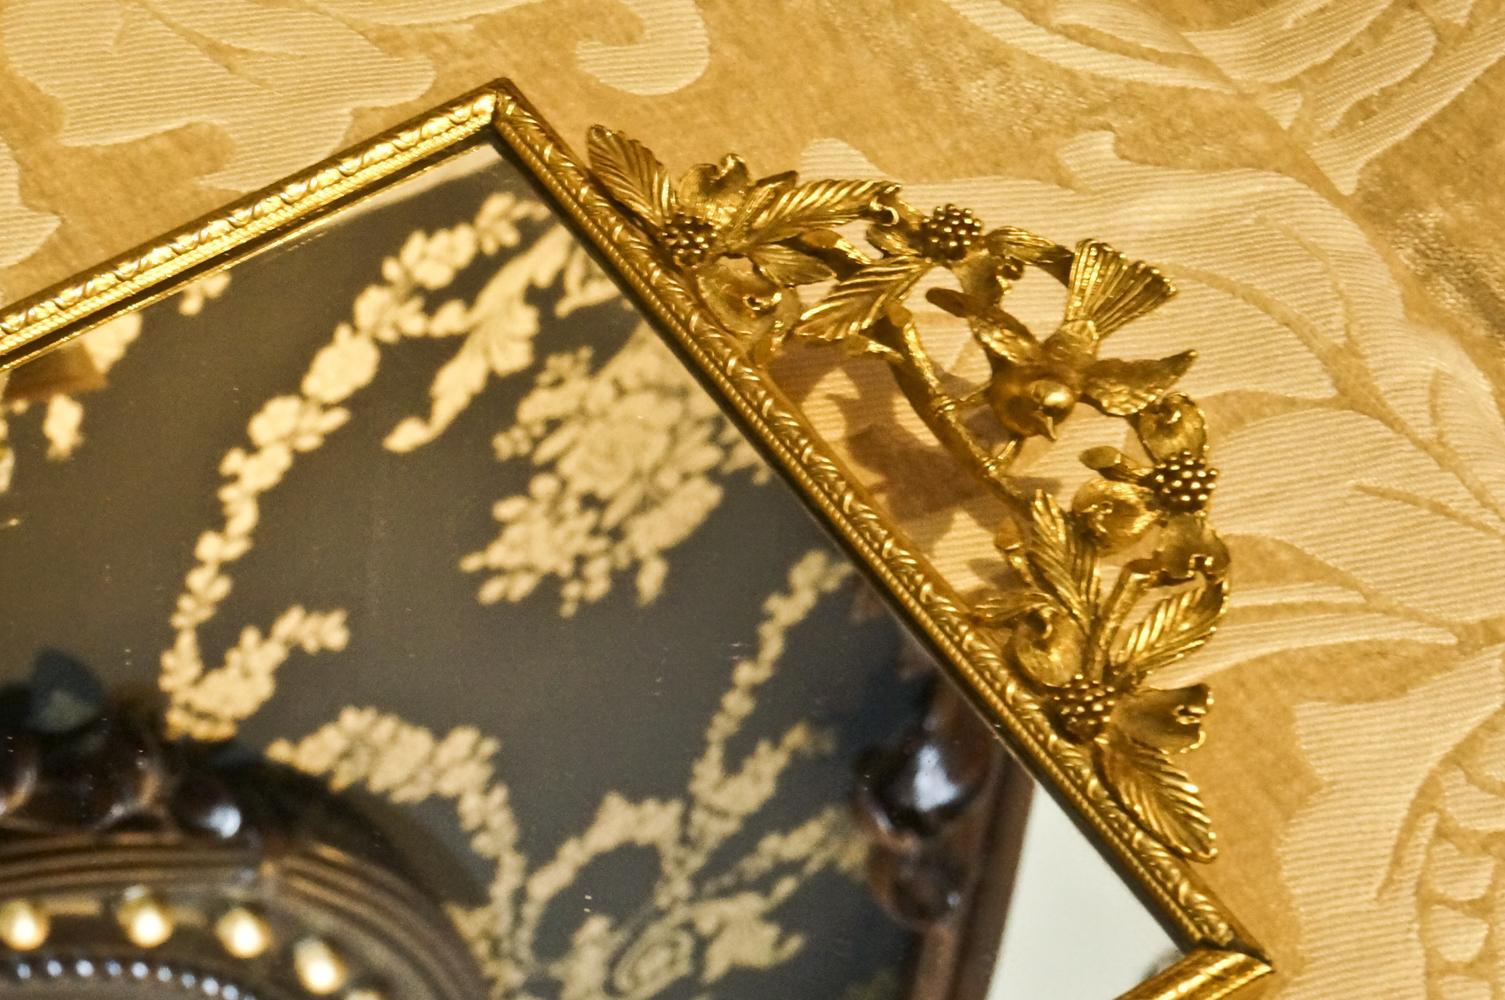 マトソン製 ゴールド 小鳥とハナミズキ 長方形 バニティミラートレー 拡大